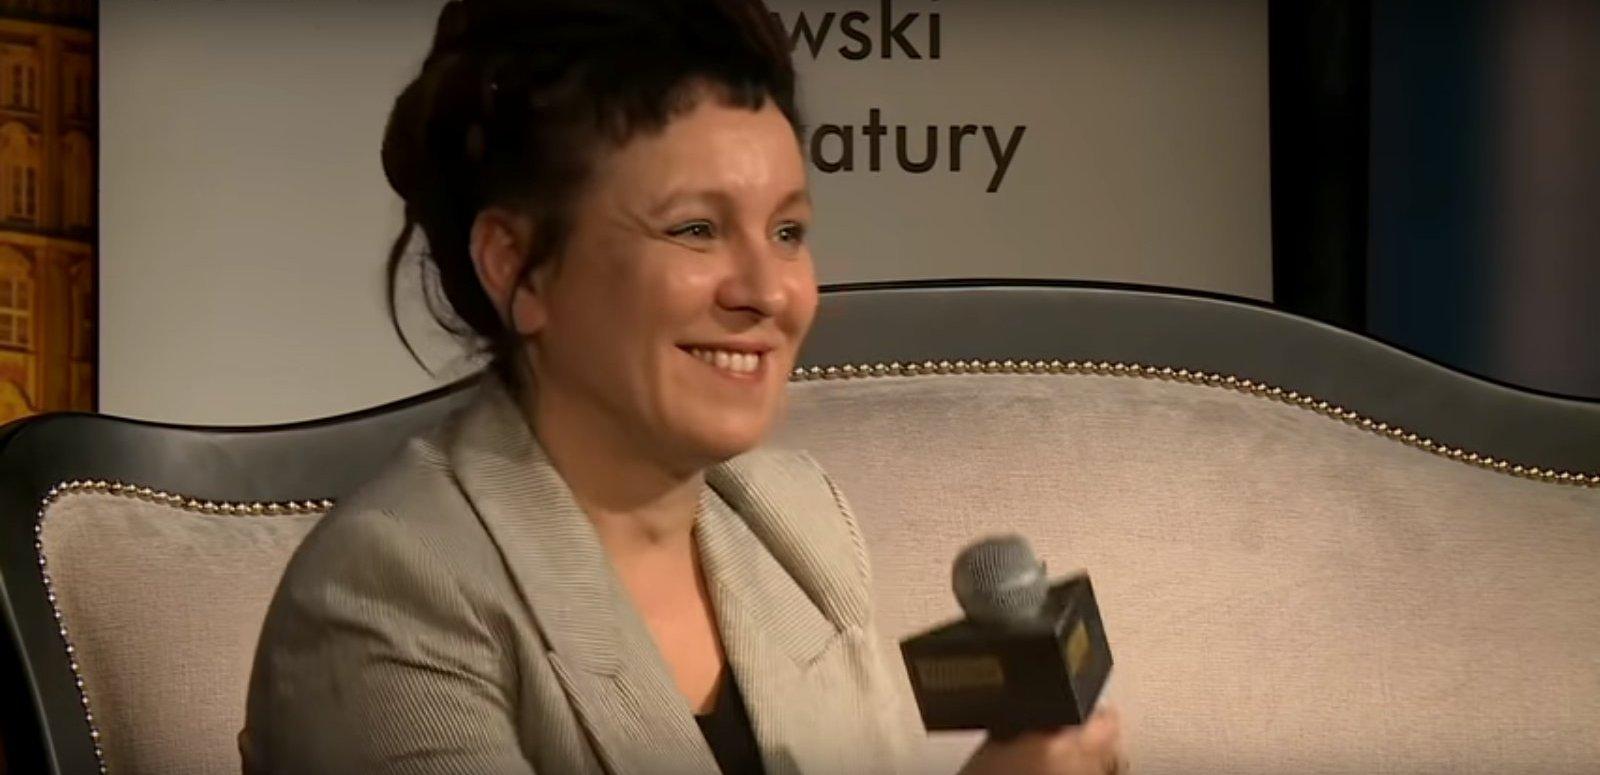 propolski.pl: Internauci wściekli na Tokarczuk za skandaliczne słowa o Polsce. Rozpoczęli akcję #OdeślijOldzeKsiążkę